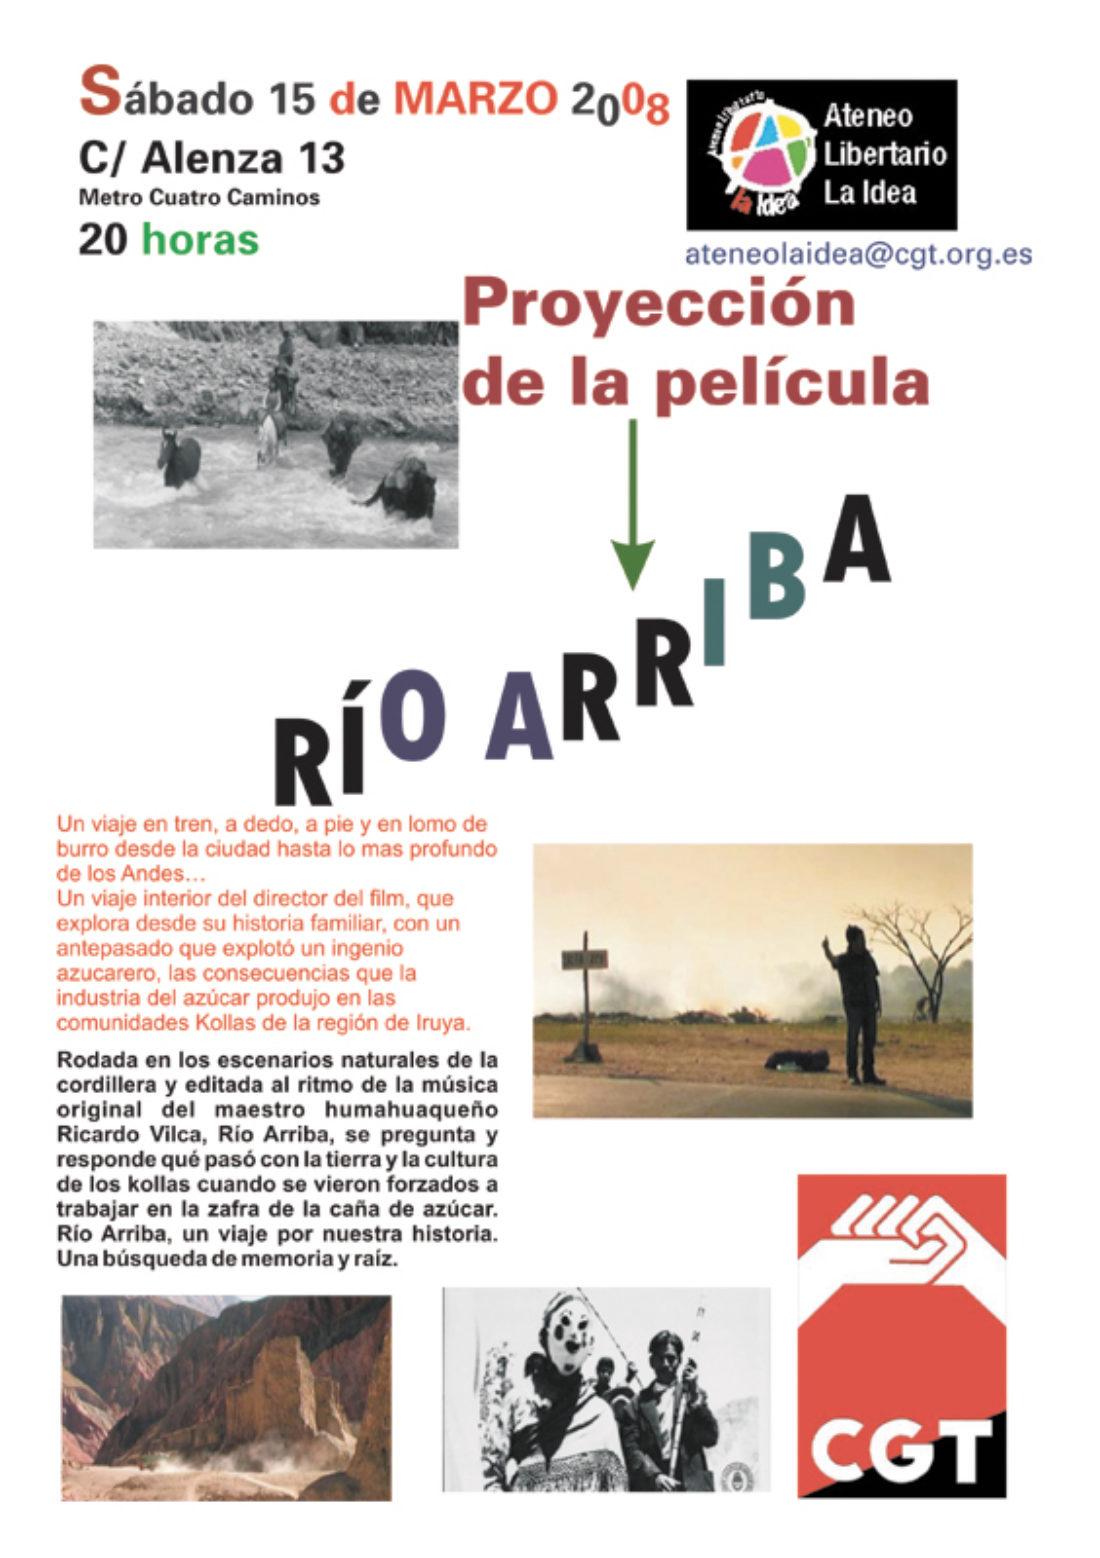 Ateneo Libertario La Idea, 15 de marzo: proyección de la película «Río arriba»